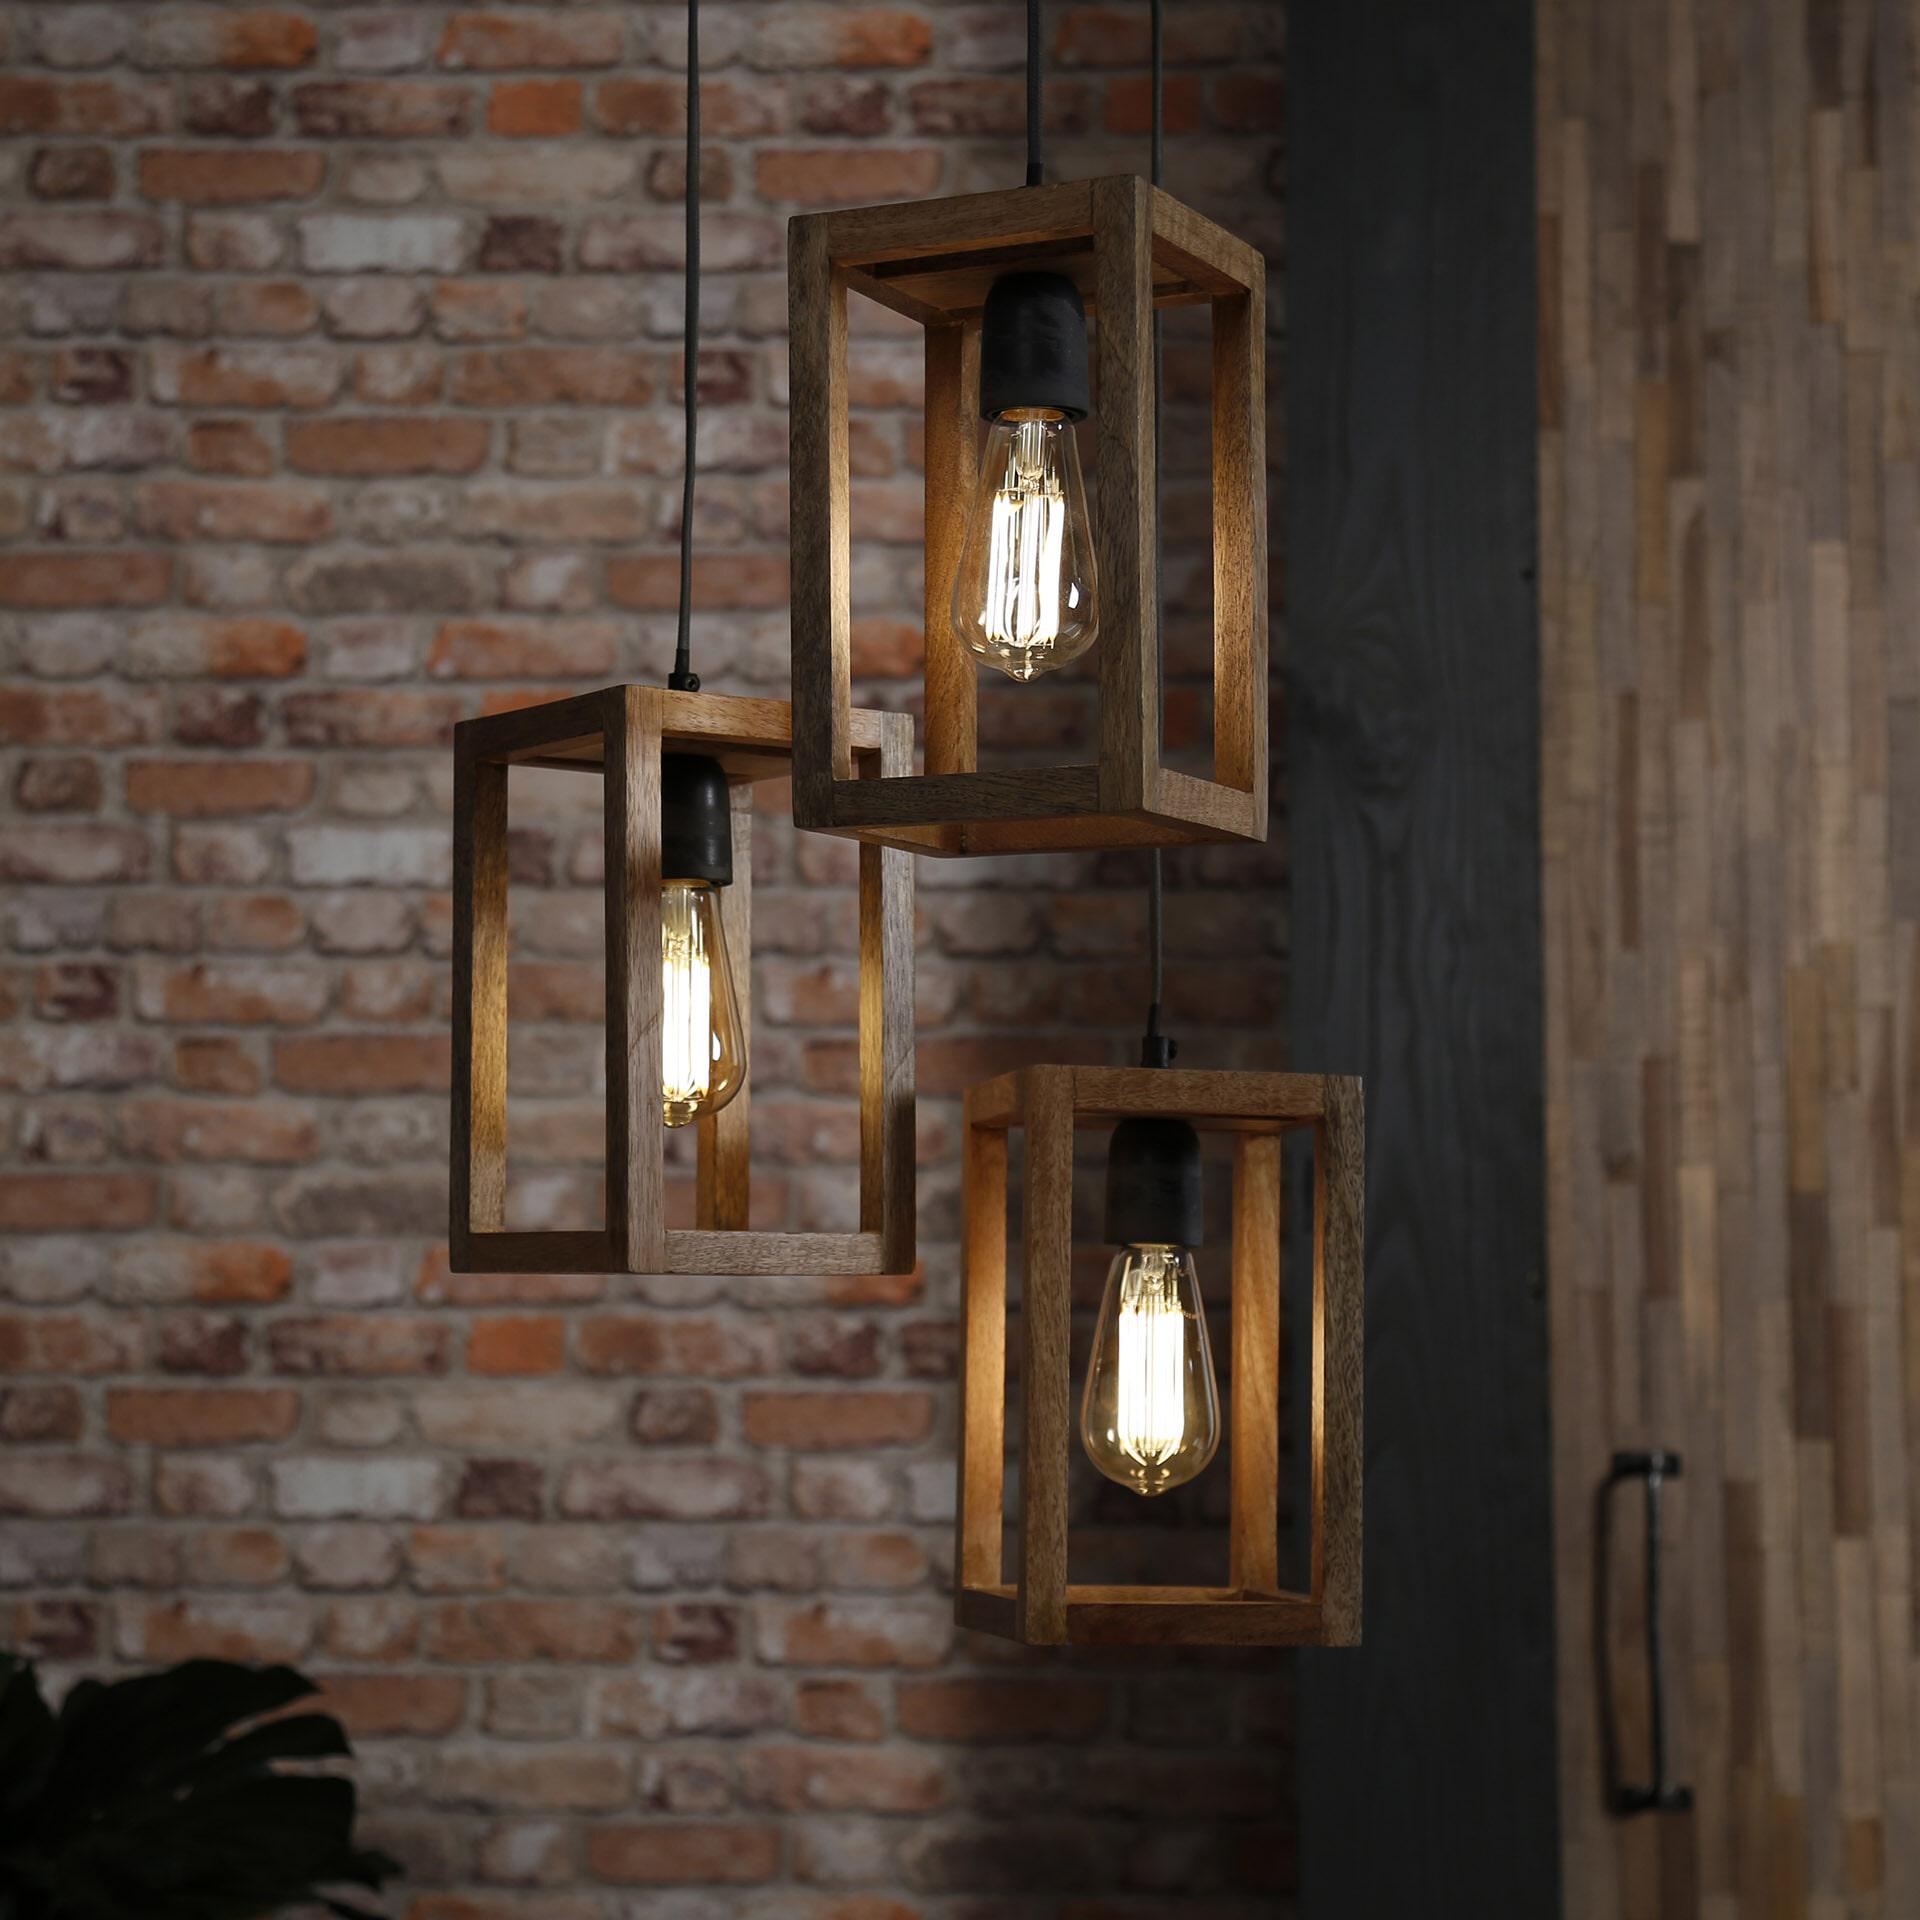 Hanglamp 'Thelma' 3-lamps Verlichting | Hanglampen kopen